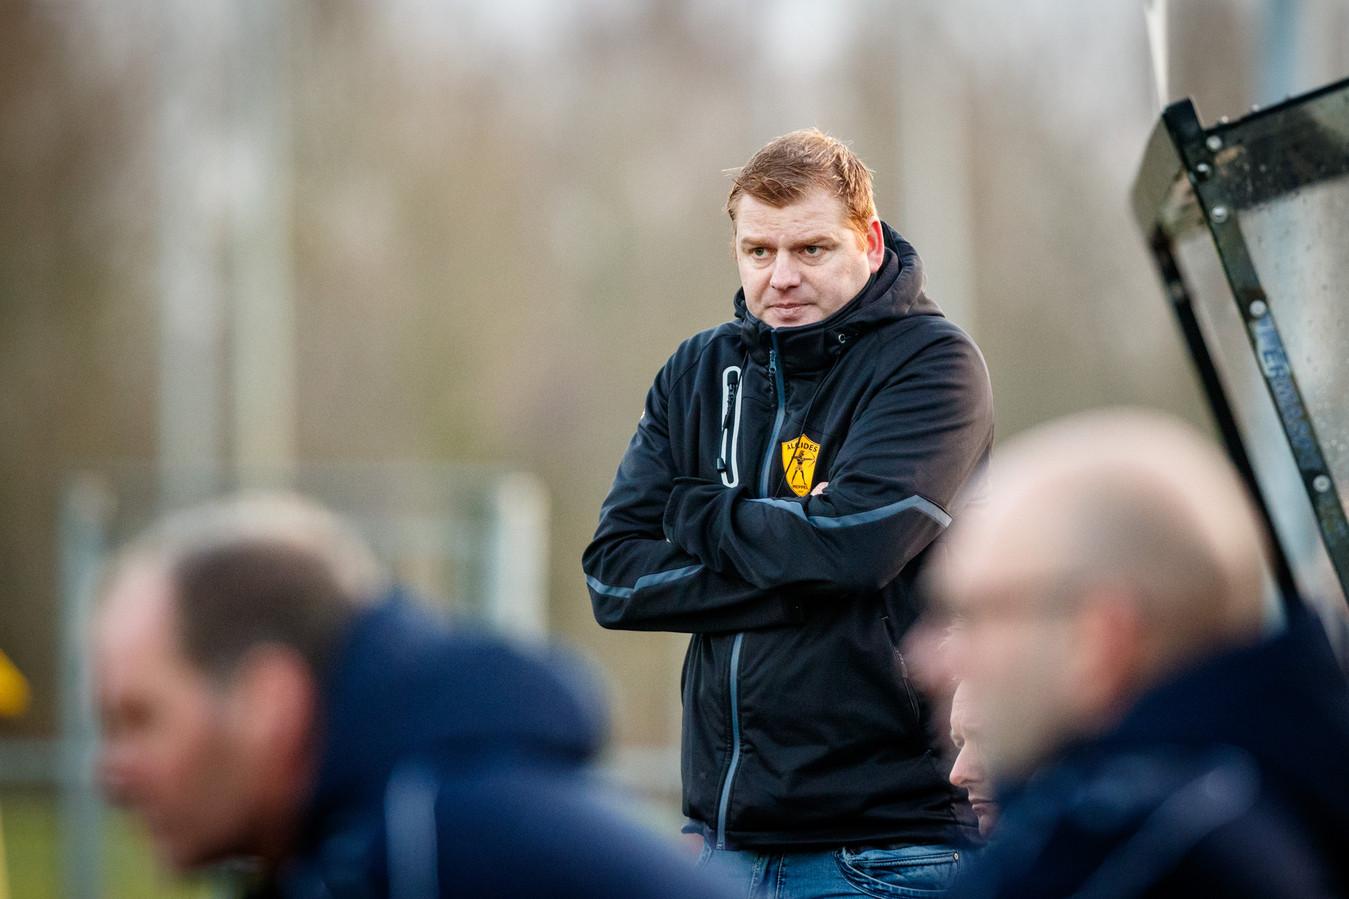 Trainer Wilko Niemer zoekt naar aanknopingspunten bij Alcides.